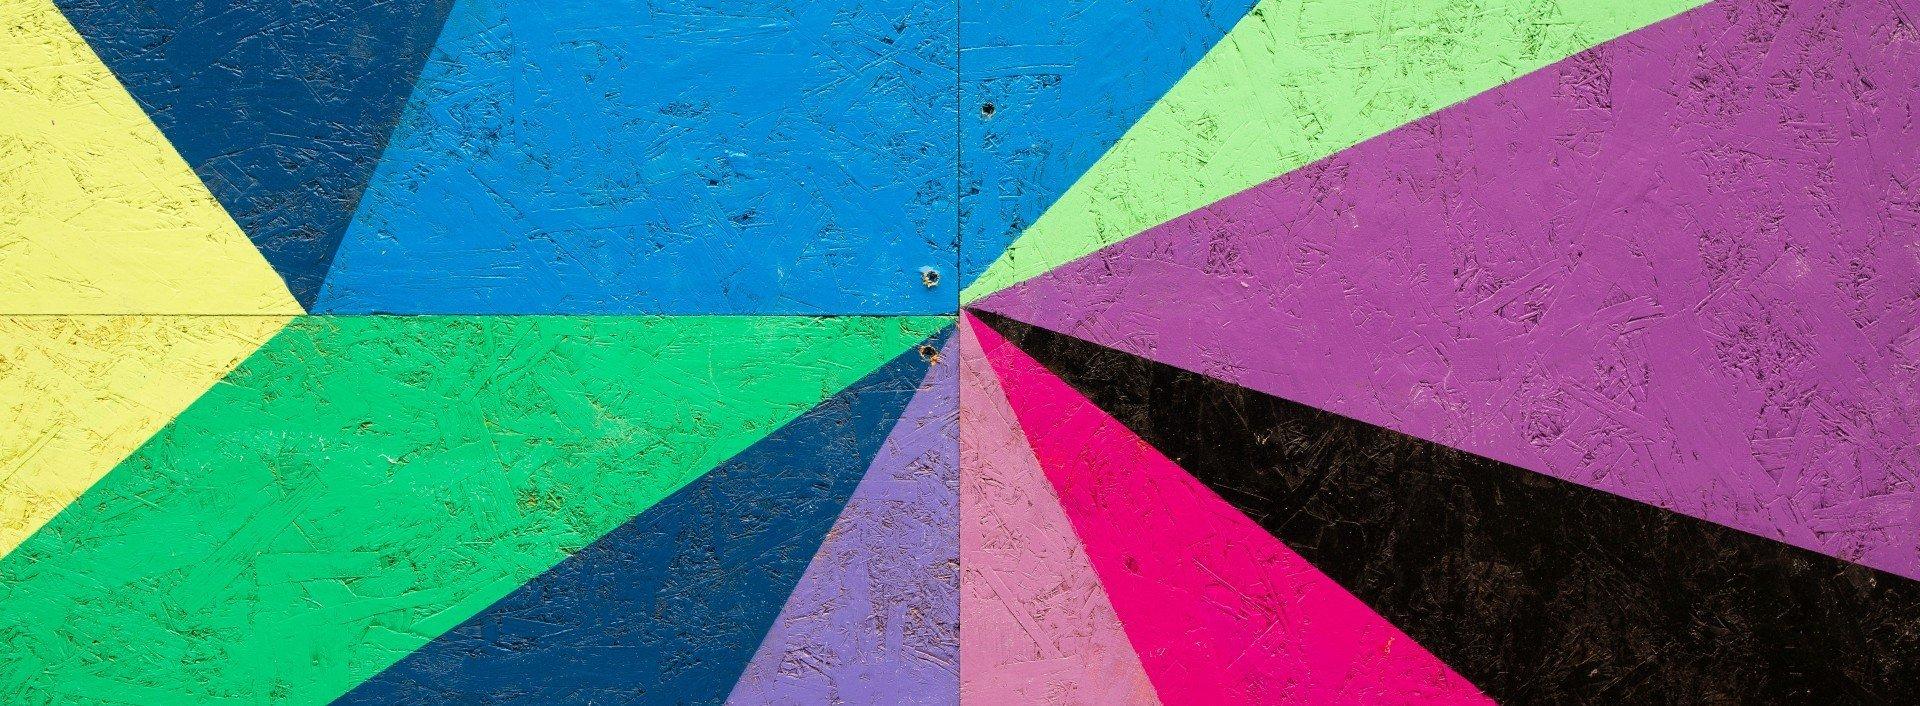 Formen auf Englisch: Viele verschiedene farbige Formen bilden ein Bild an der Wand.